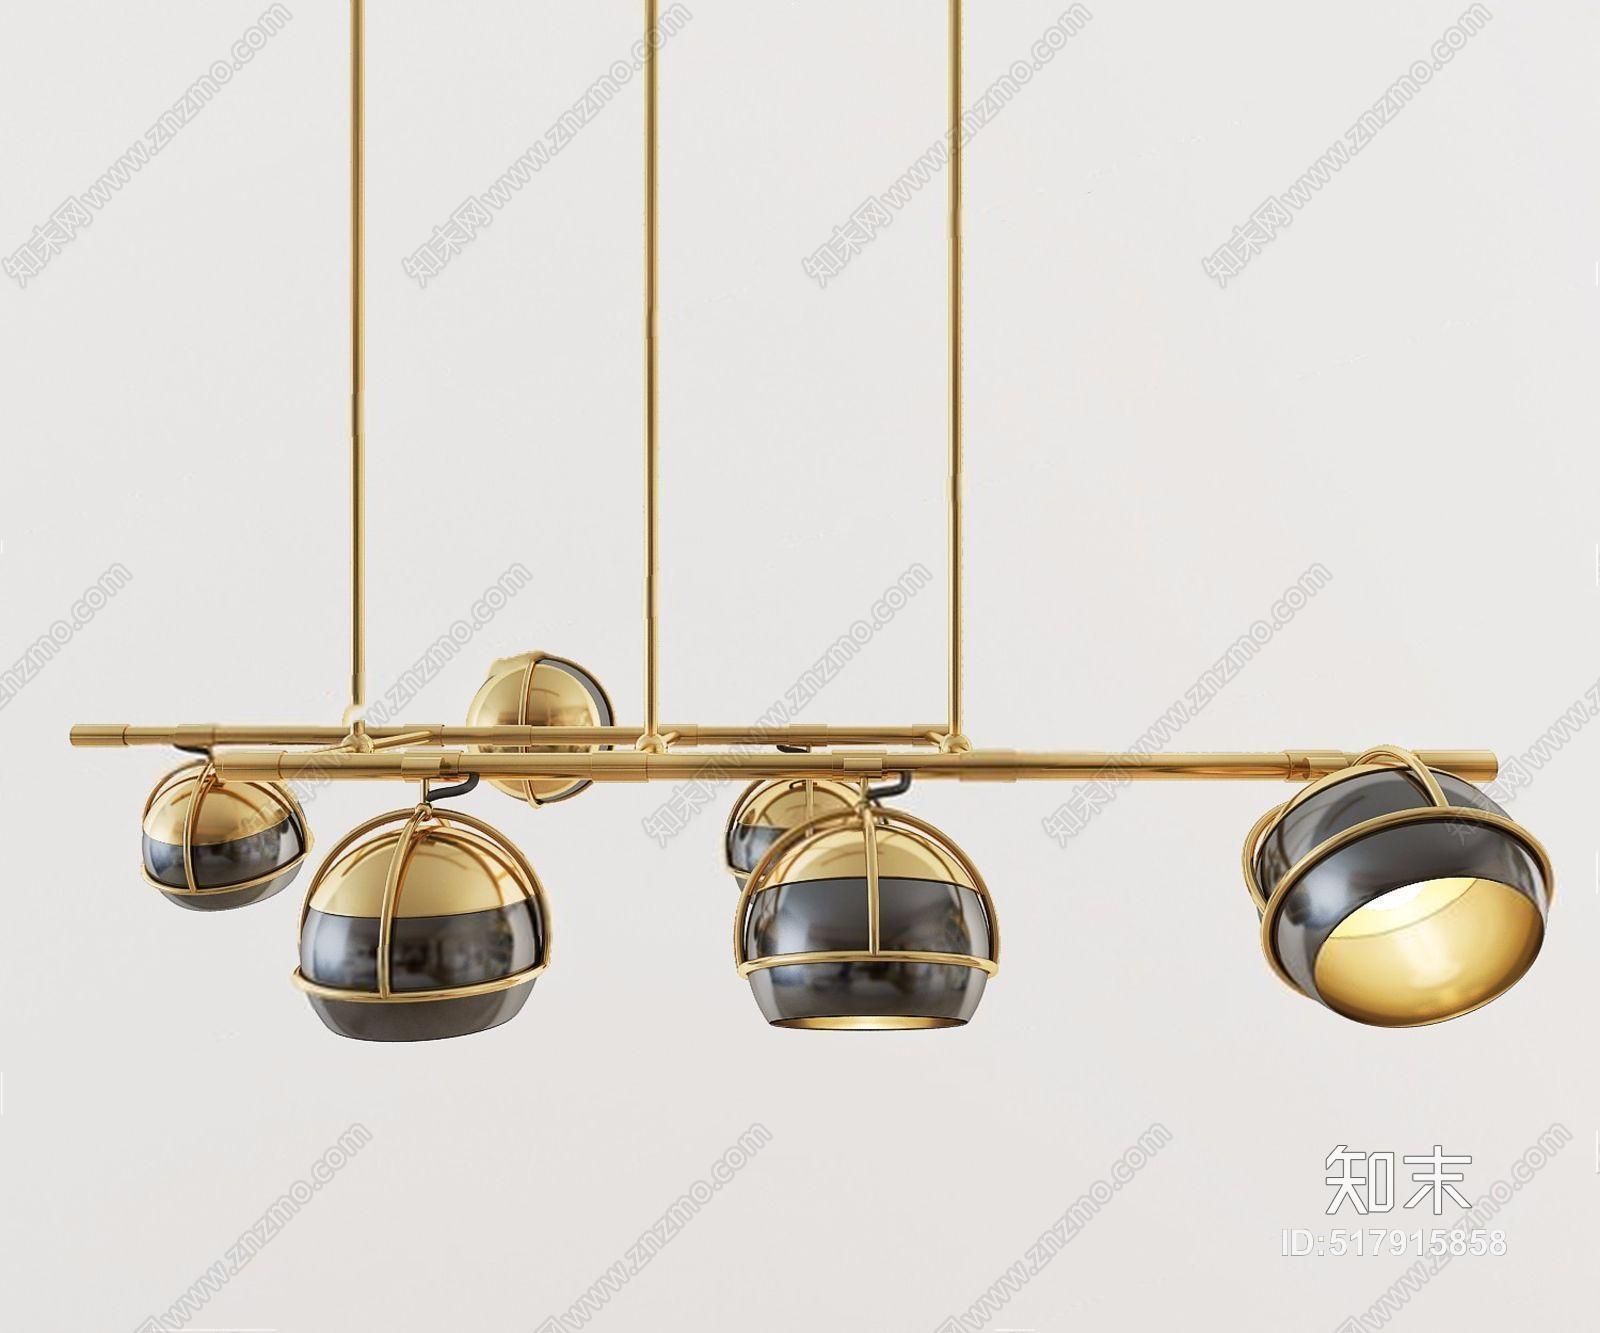 后现代吊灯组合 后现代吊灯 金属吊灯 多头吊灯 吊灯组合